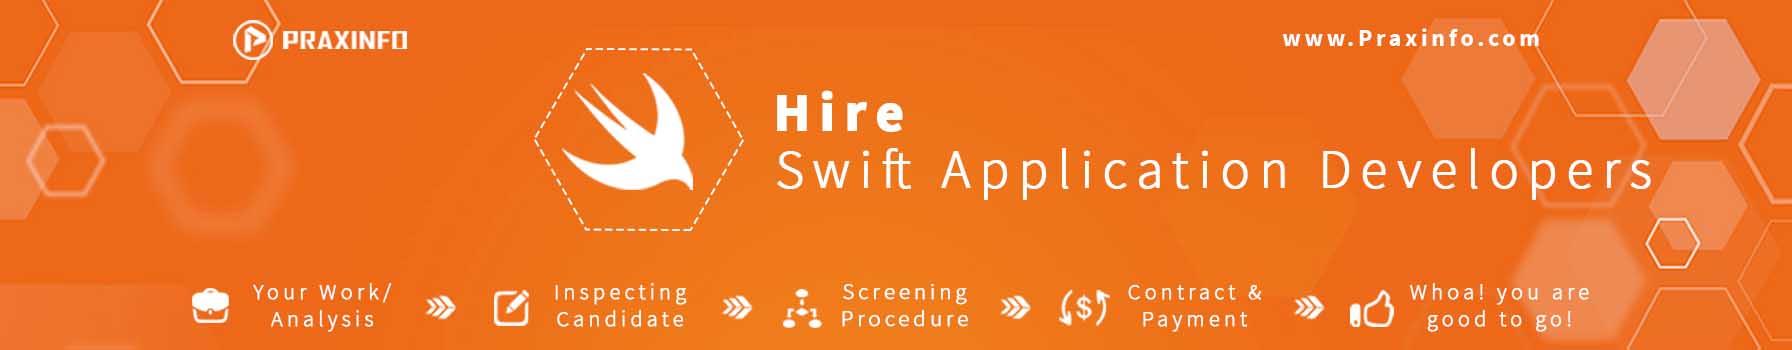 swift-Application-developer-banner1.jpg